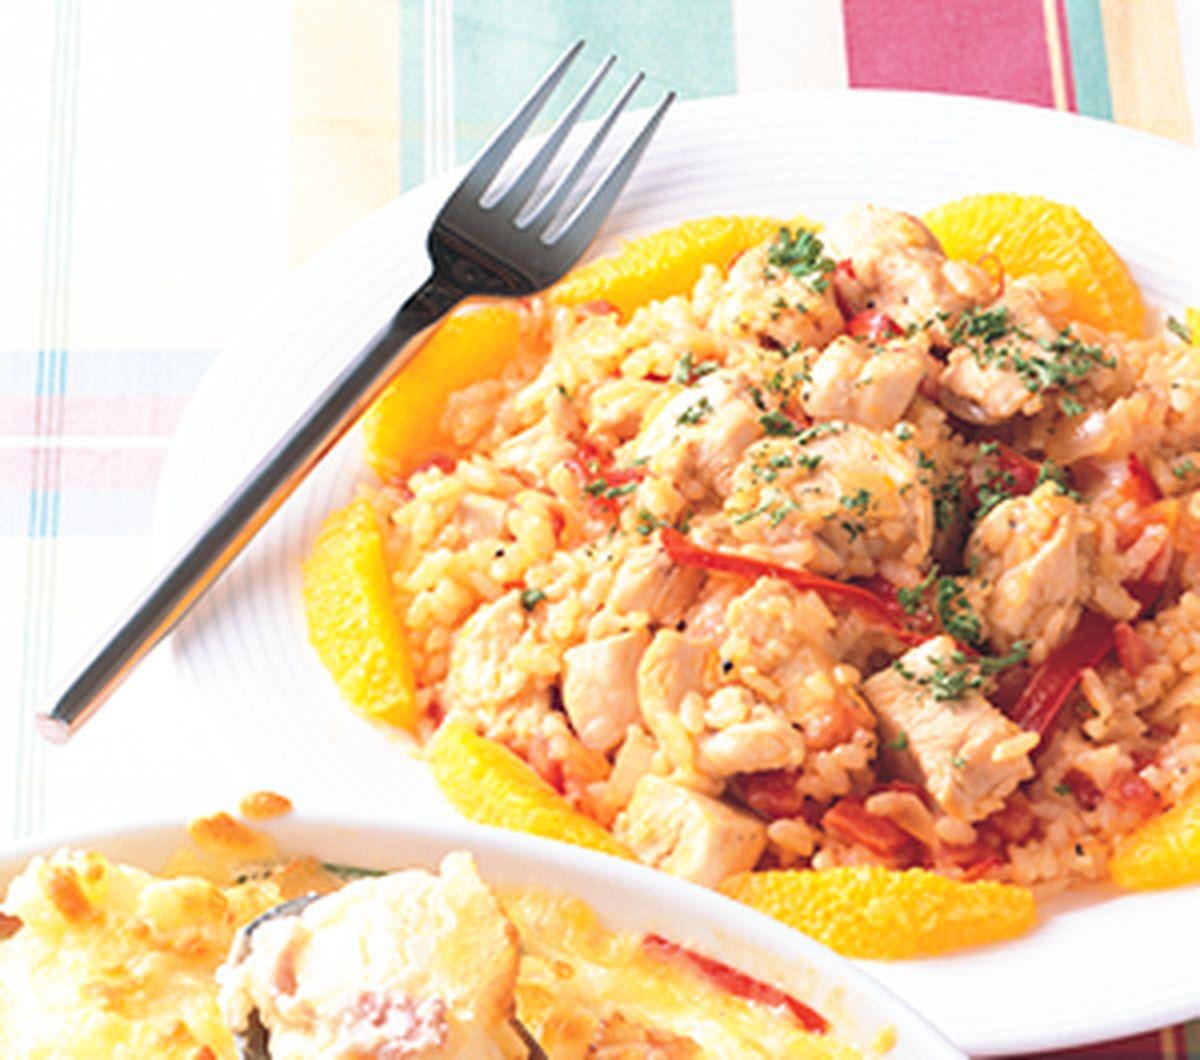 食譜:西班牙番紅花悶雞飯